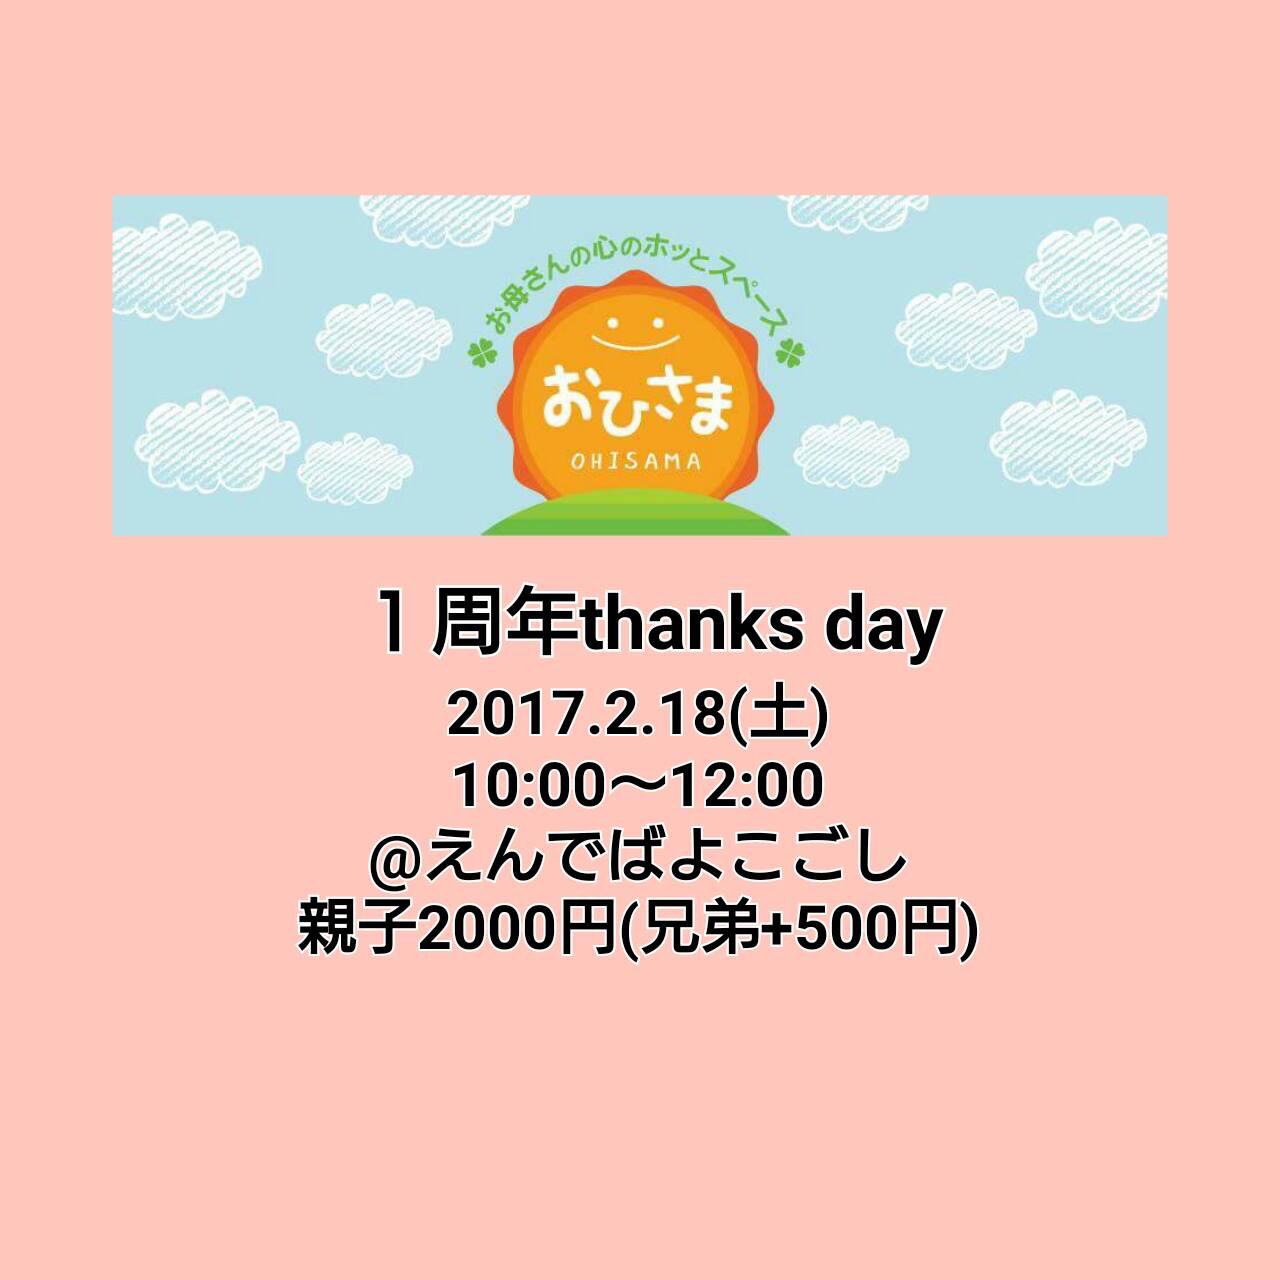 交流会のお知らせ_f0309404_15485792.jpg